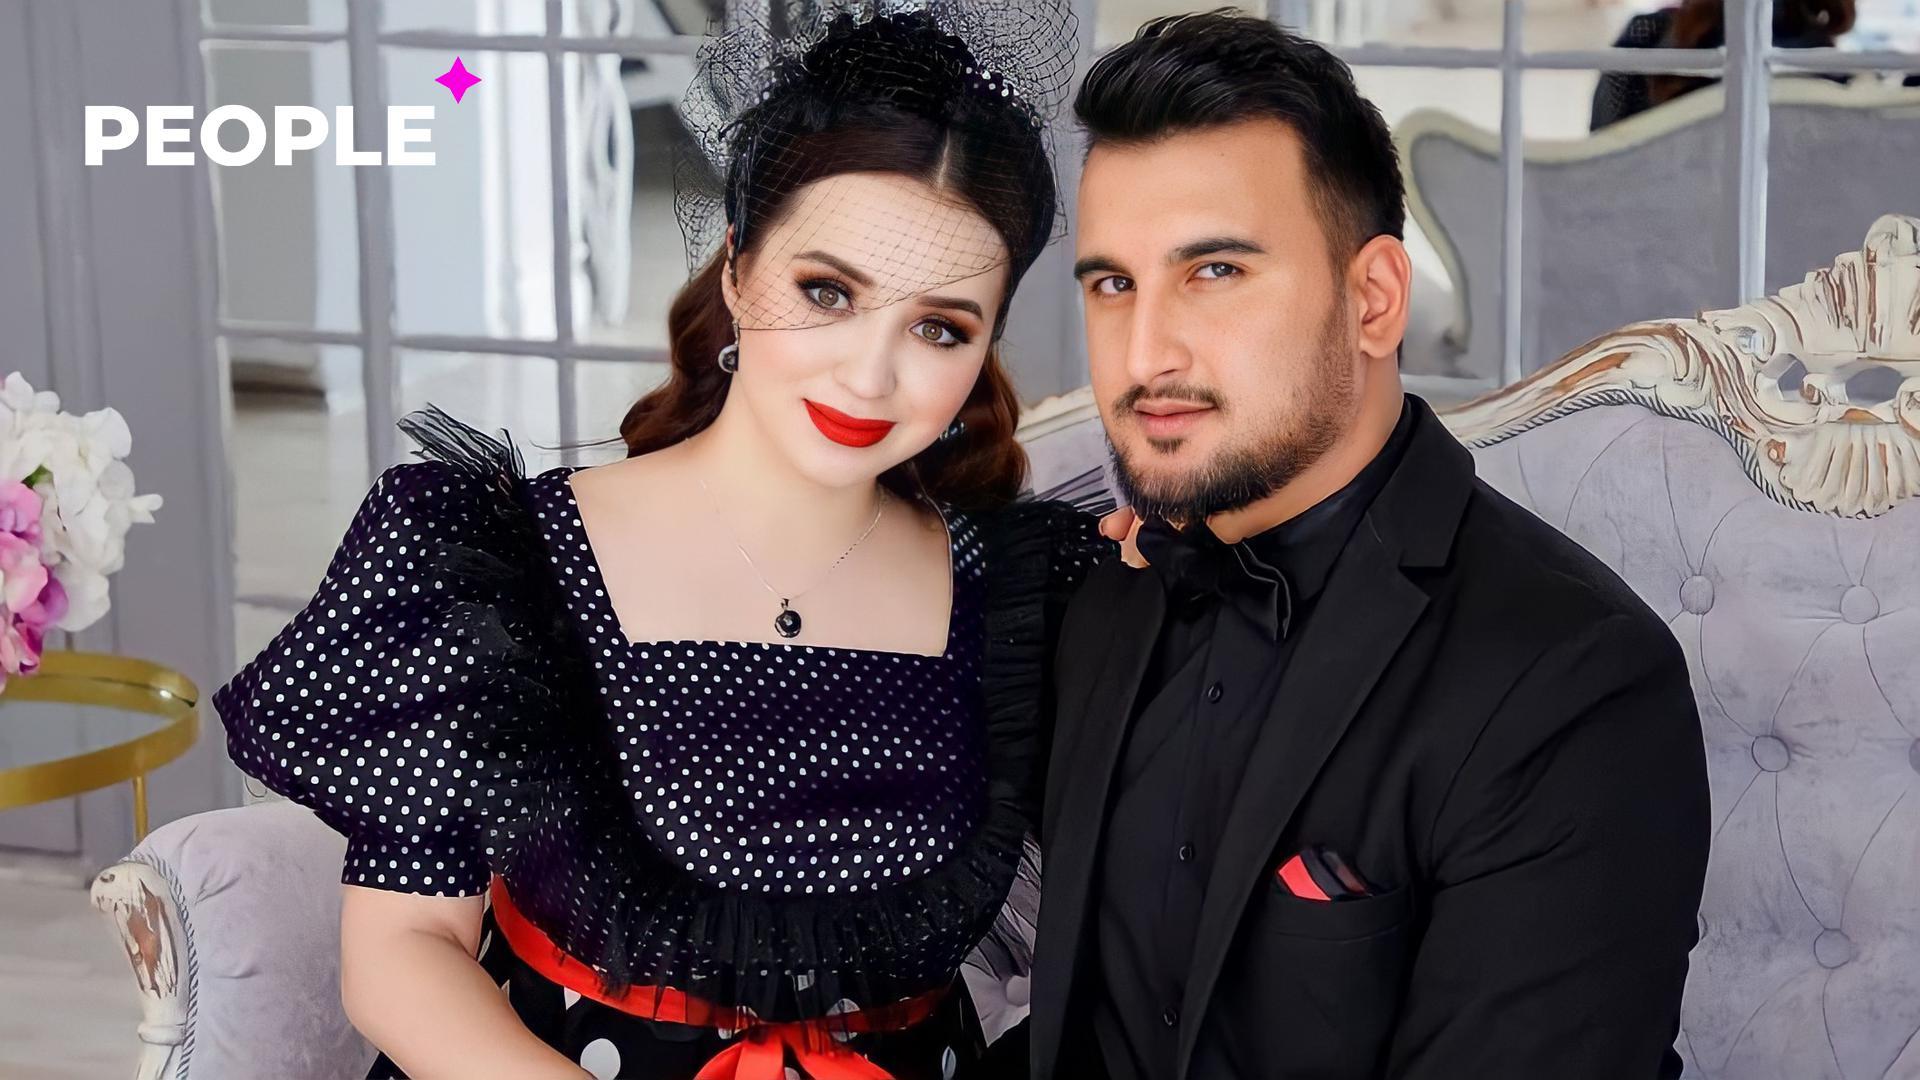 Марат Хамдамов признался, что чуть не сорвал свадьбу с Шахзодой Мухаммедовой из-за отсутствия денег